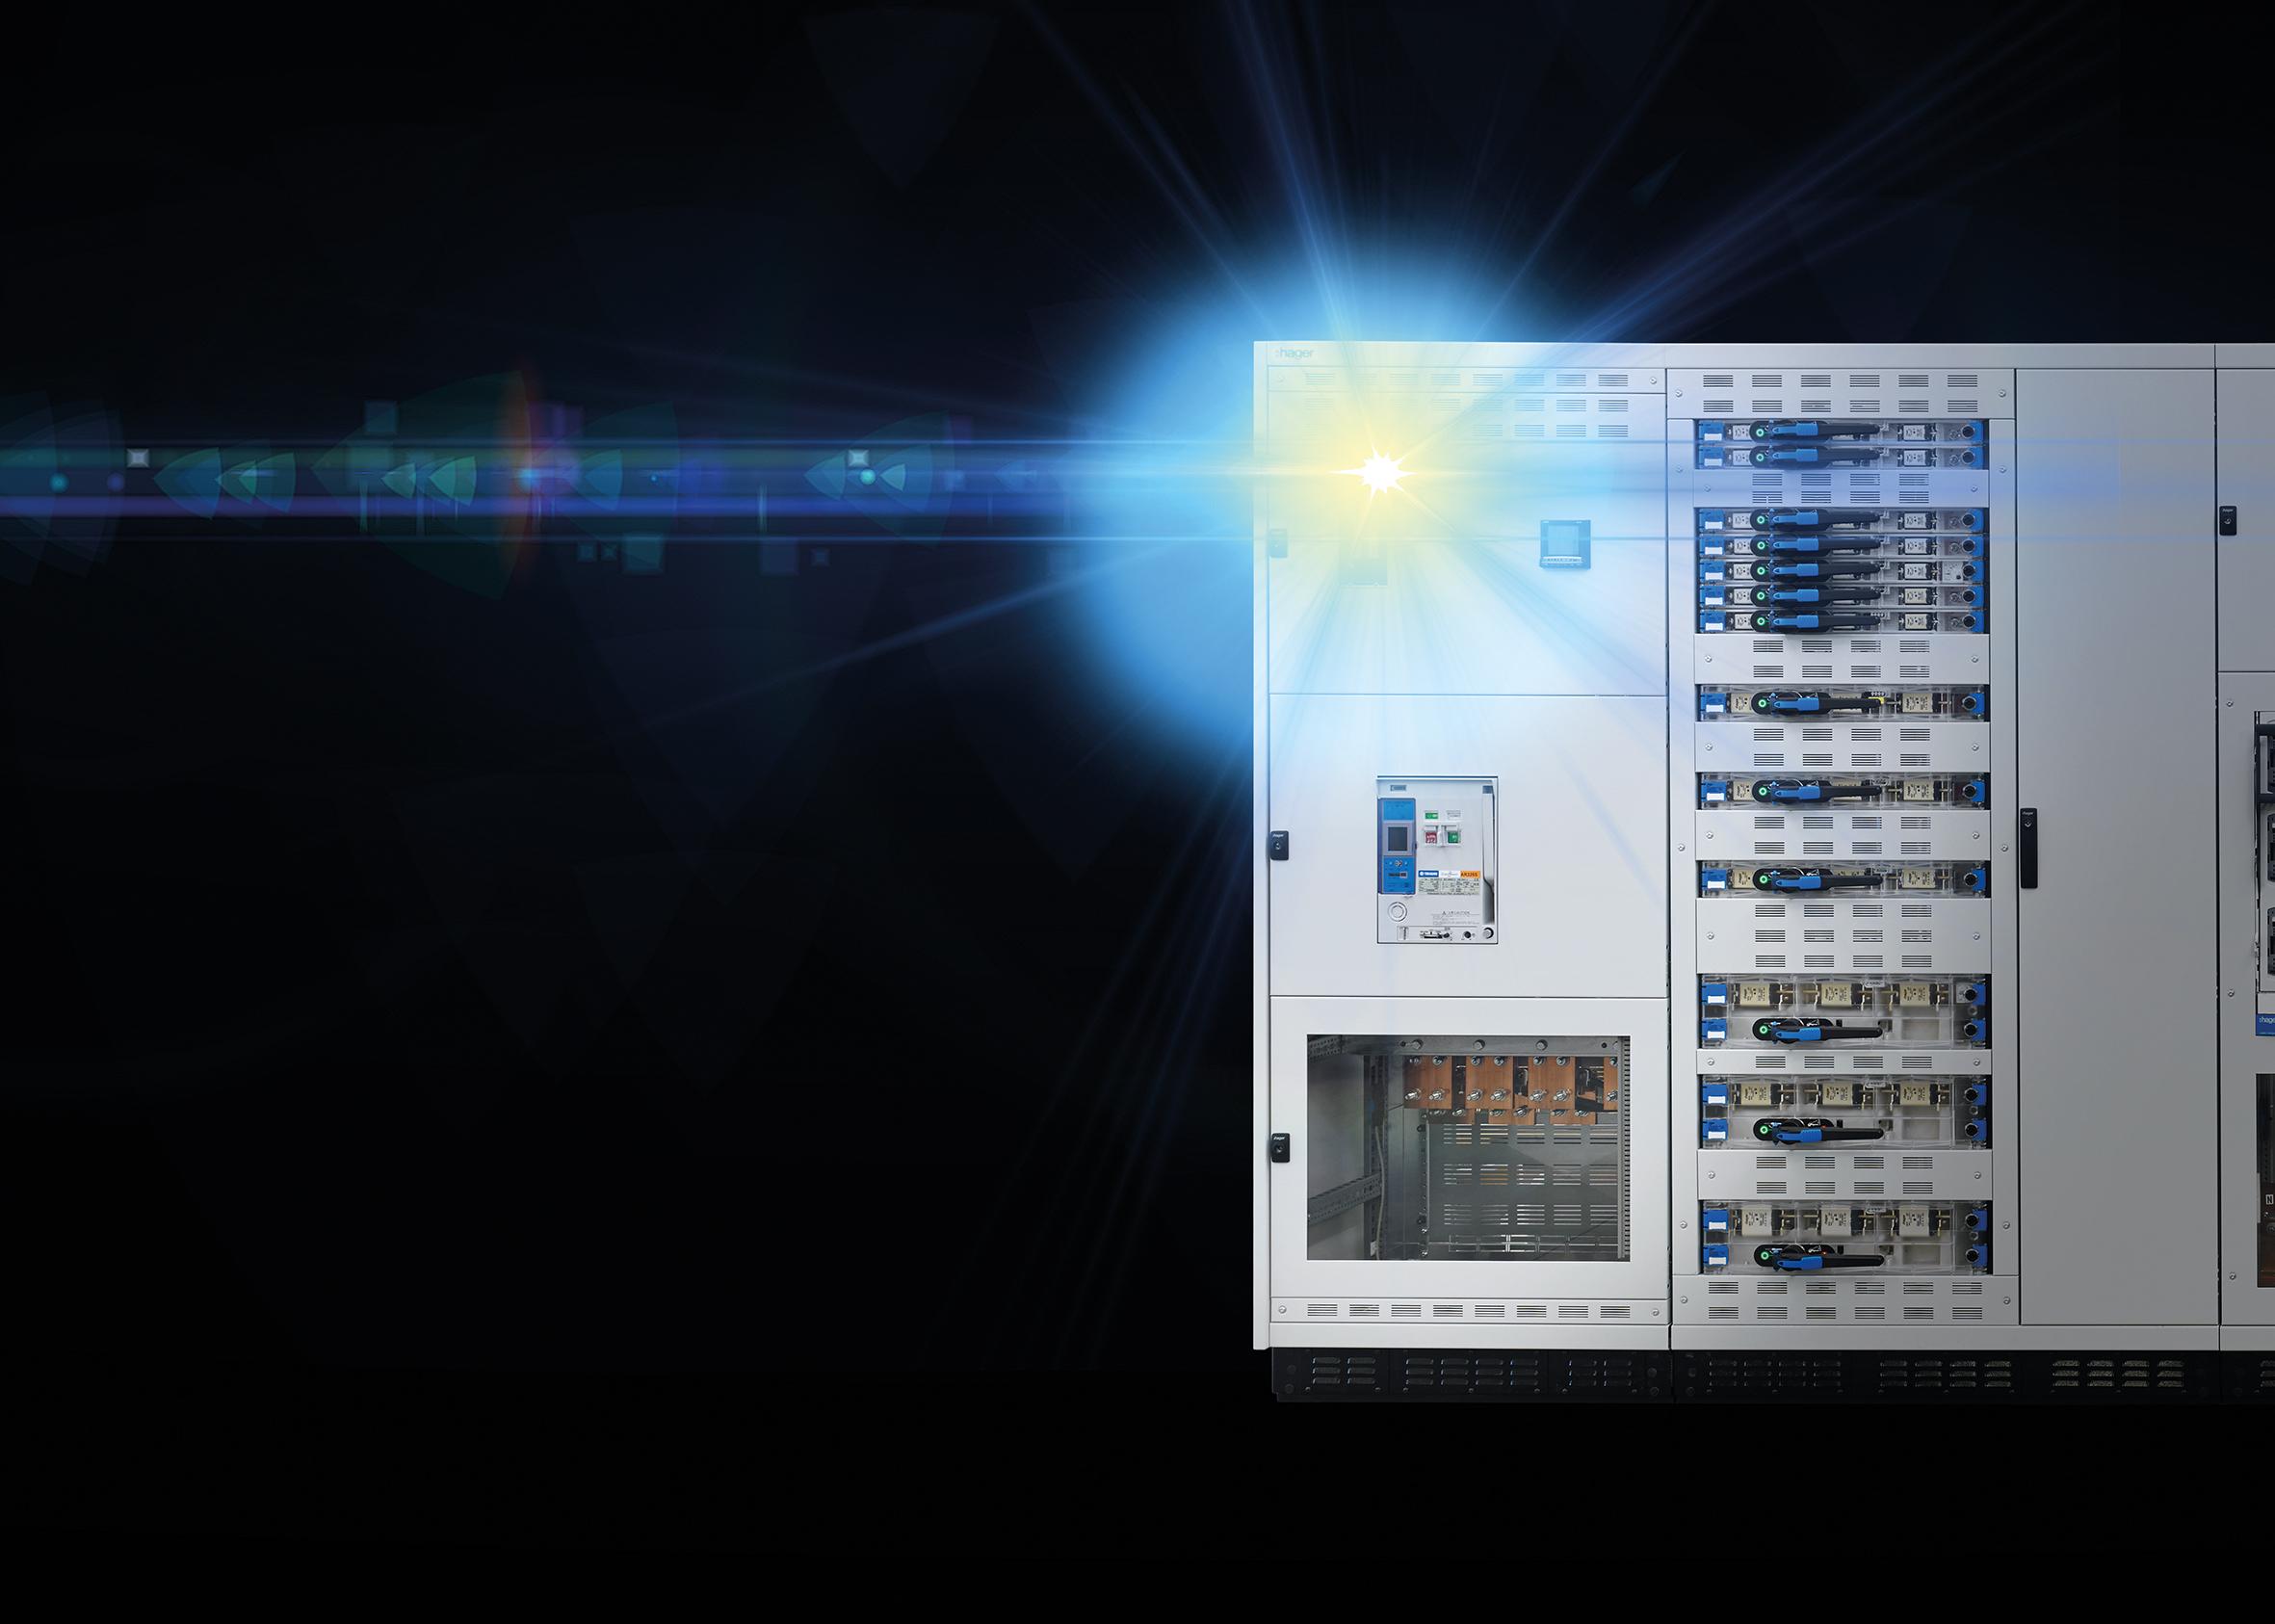 Sicher gegen Störlichtbögen mit dem System Unimes H von Hager. (Bild: Hager Vertriebsgesellschaft mbH & Co. KG)